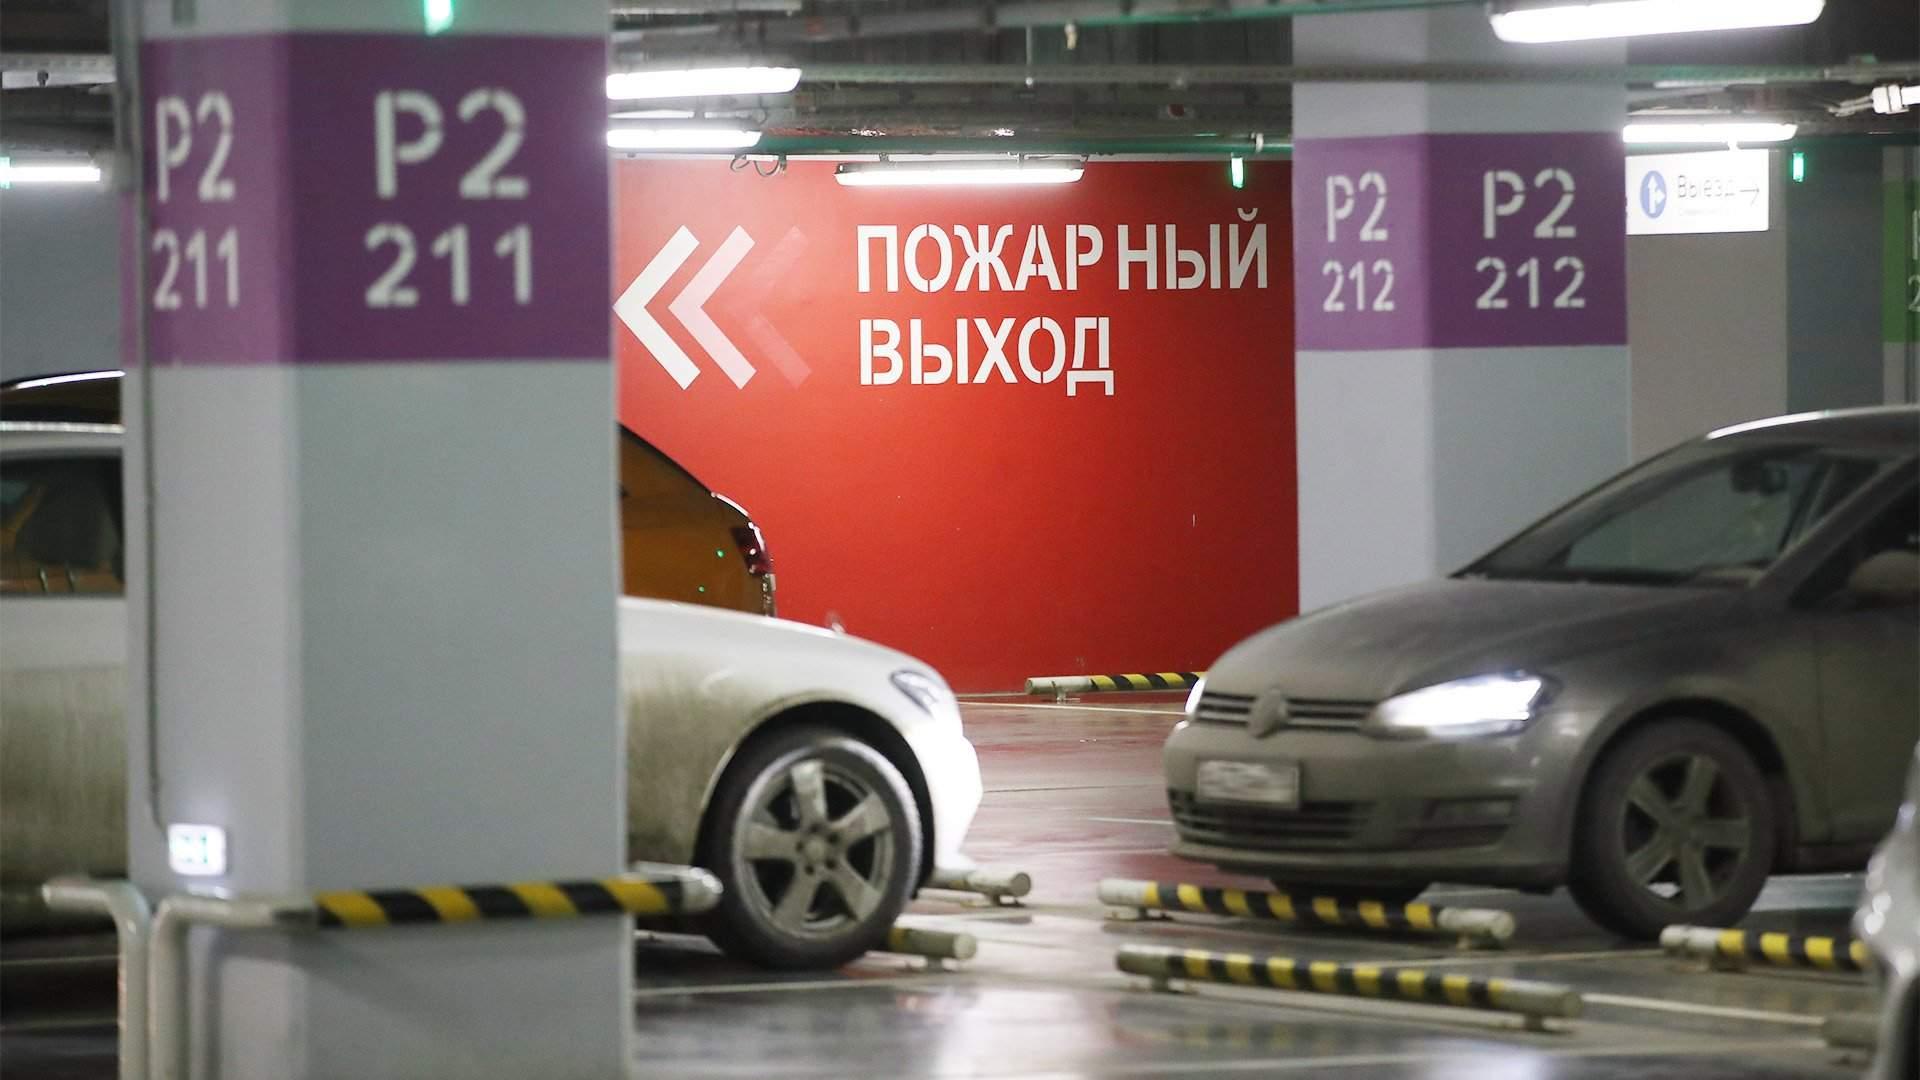 Число погибших  пожара вКемерове значительно  не поменяется  — специалист